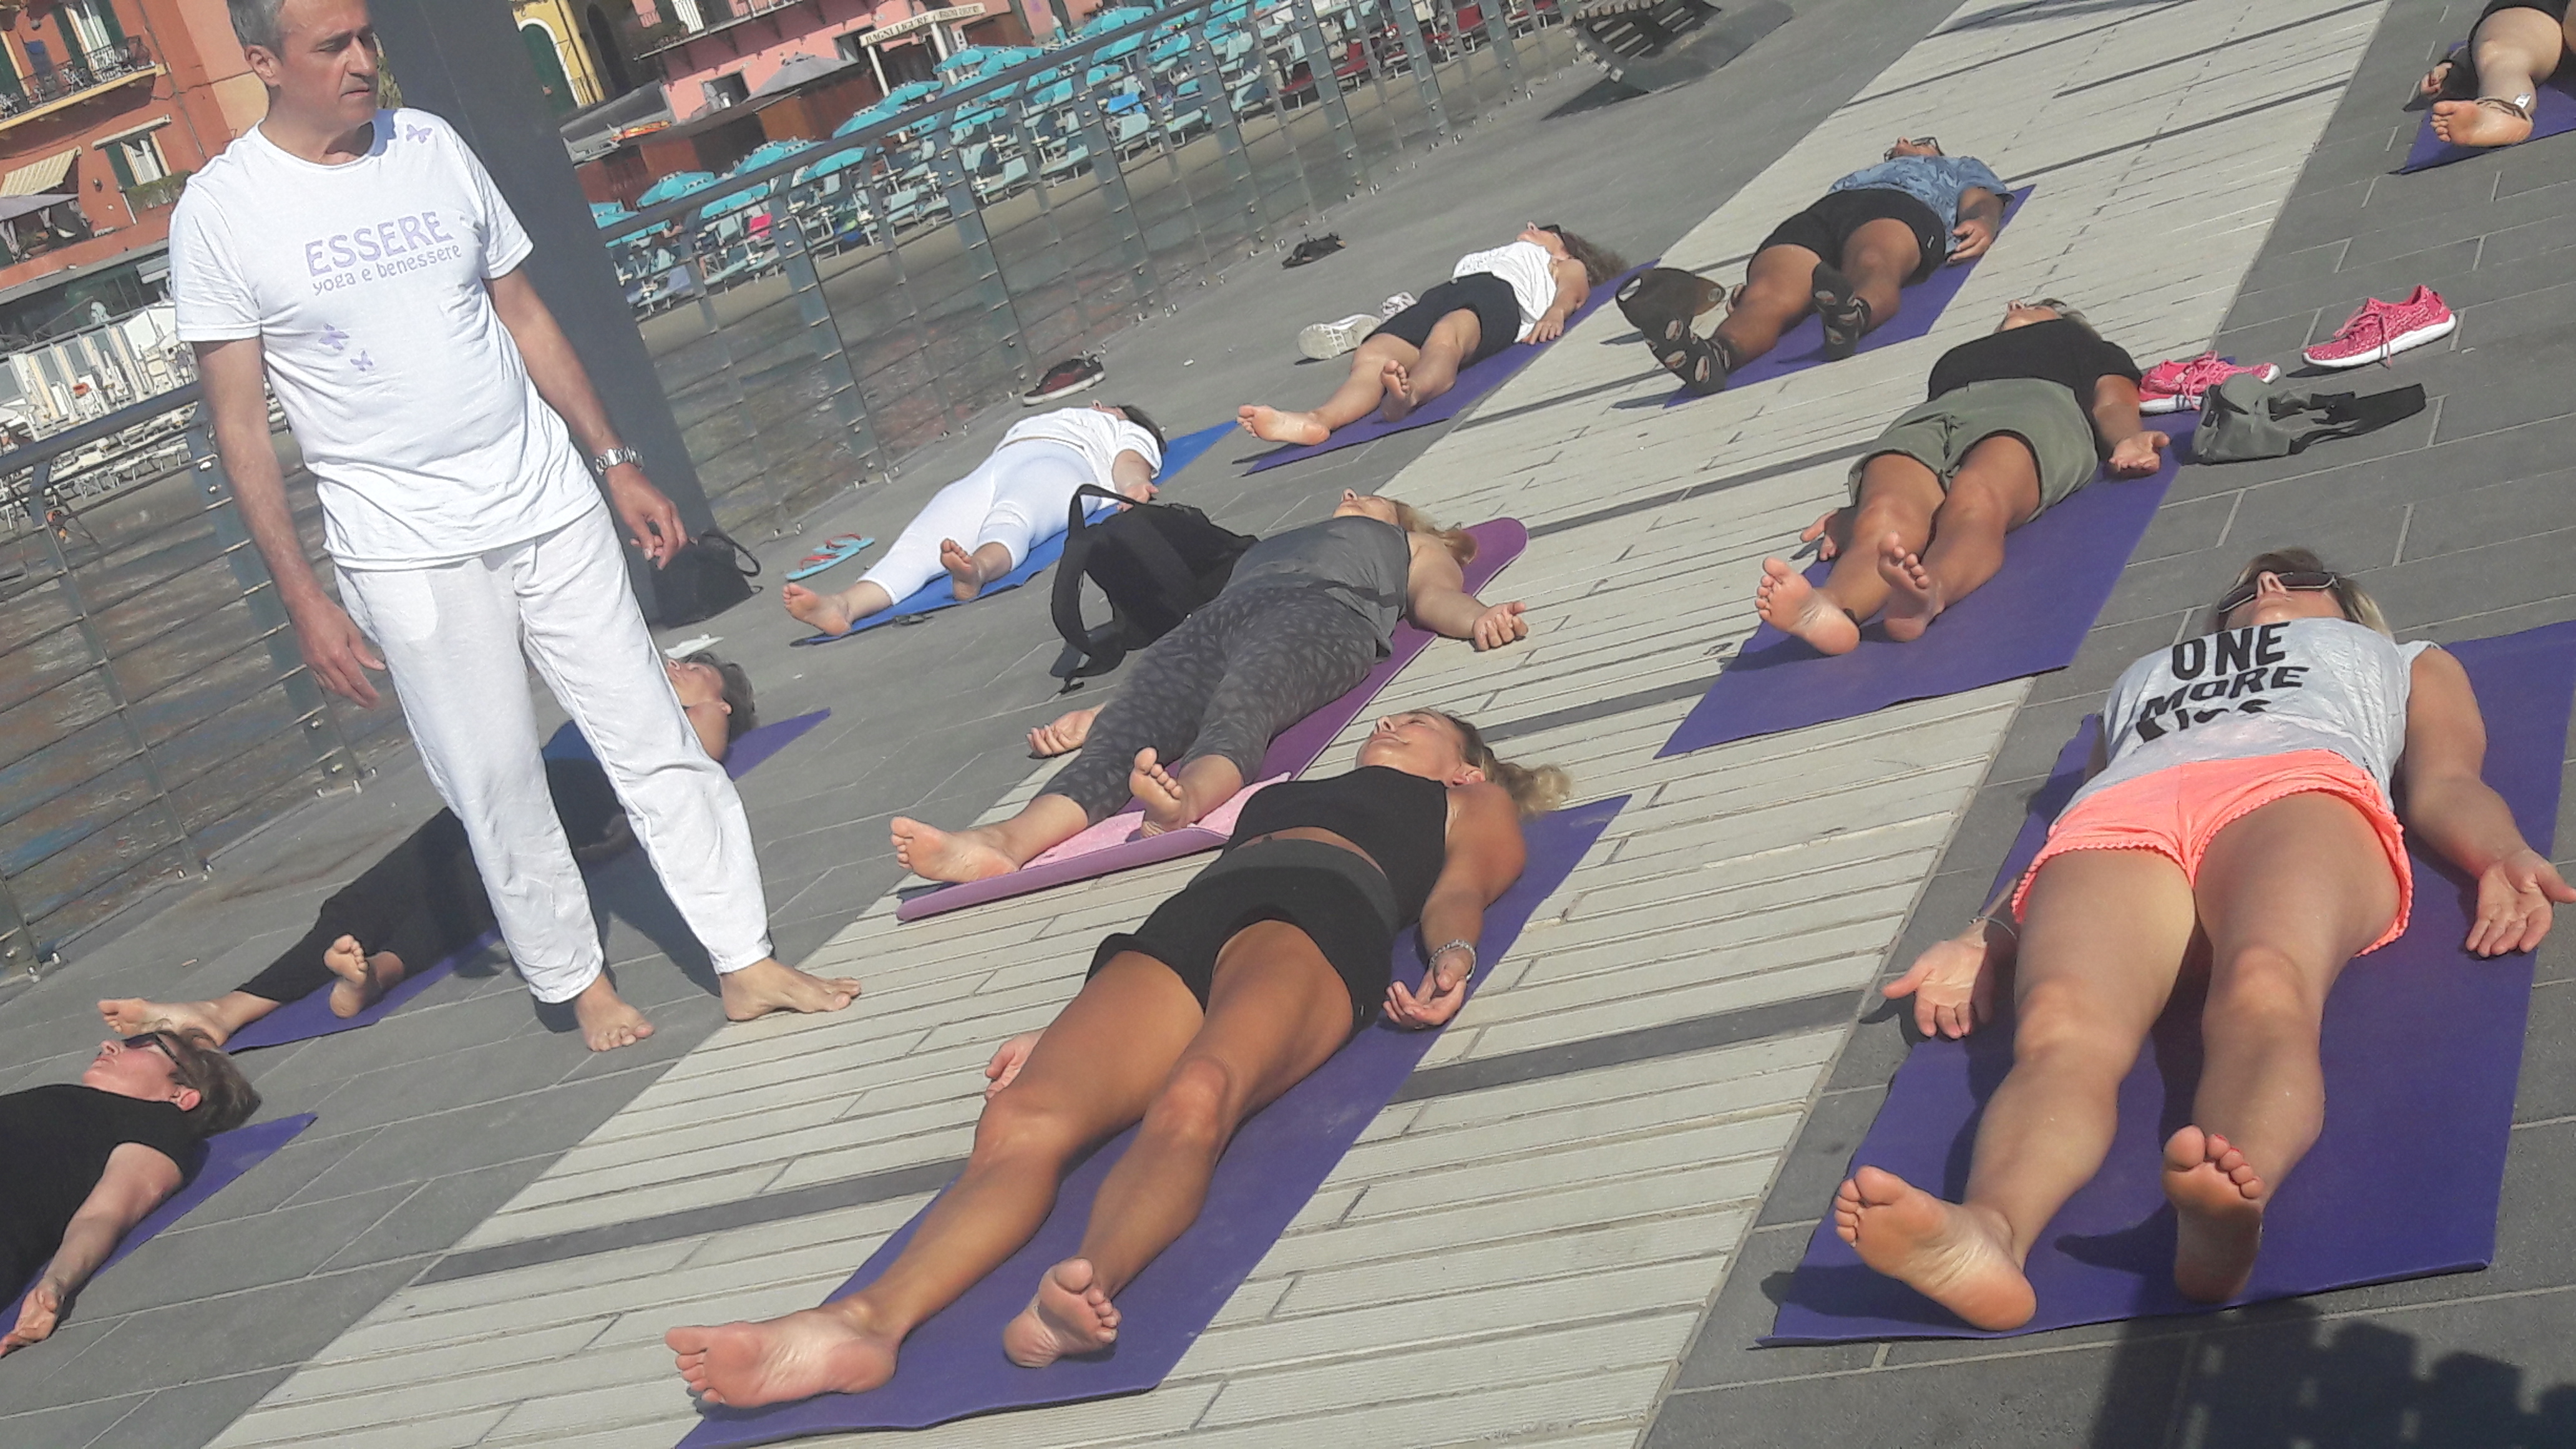 essere-free-yoga-gratuito-benessere-per-tutti-village-citta-alassio-estate-lucia-ragazzi-summer-town-wellness-005